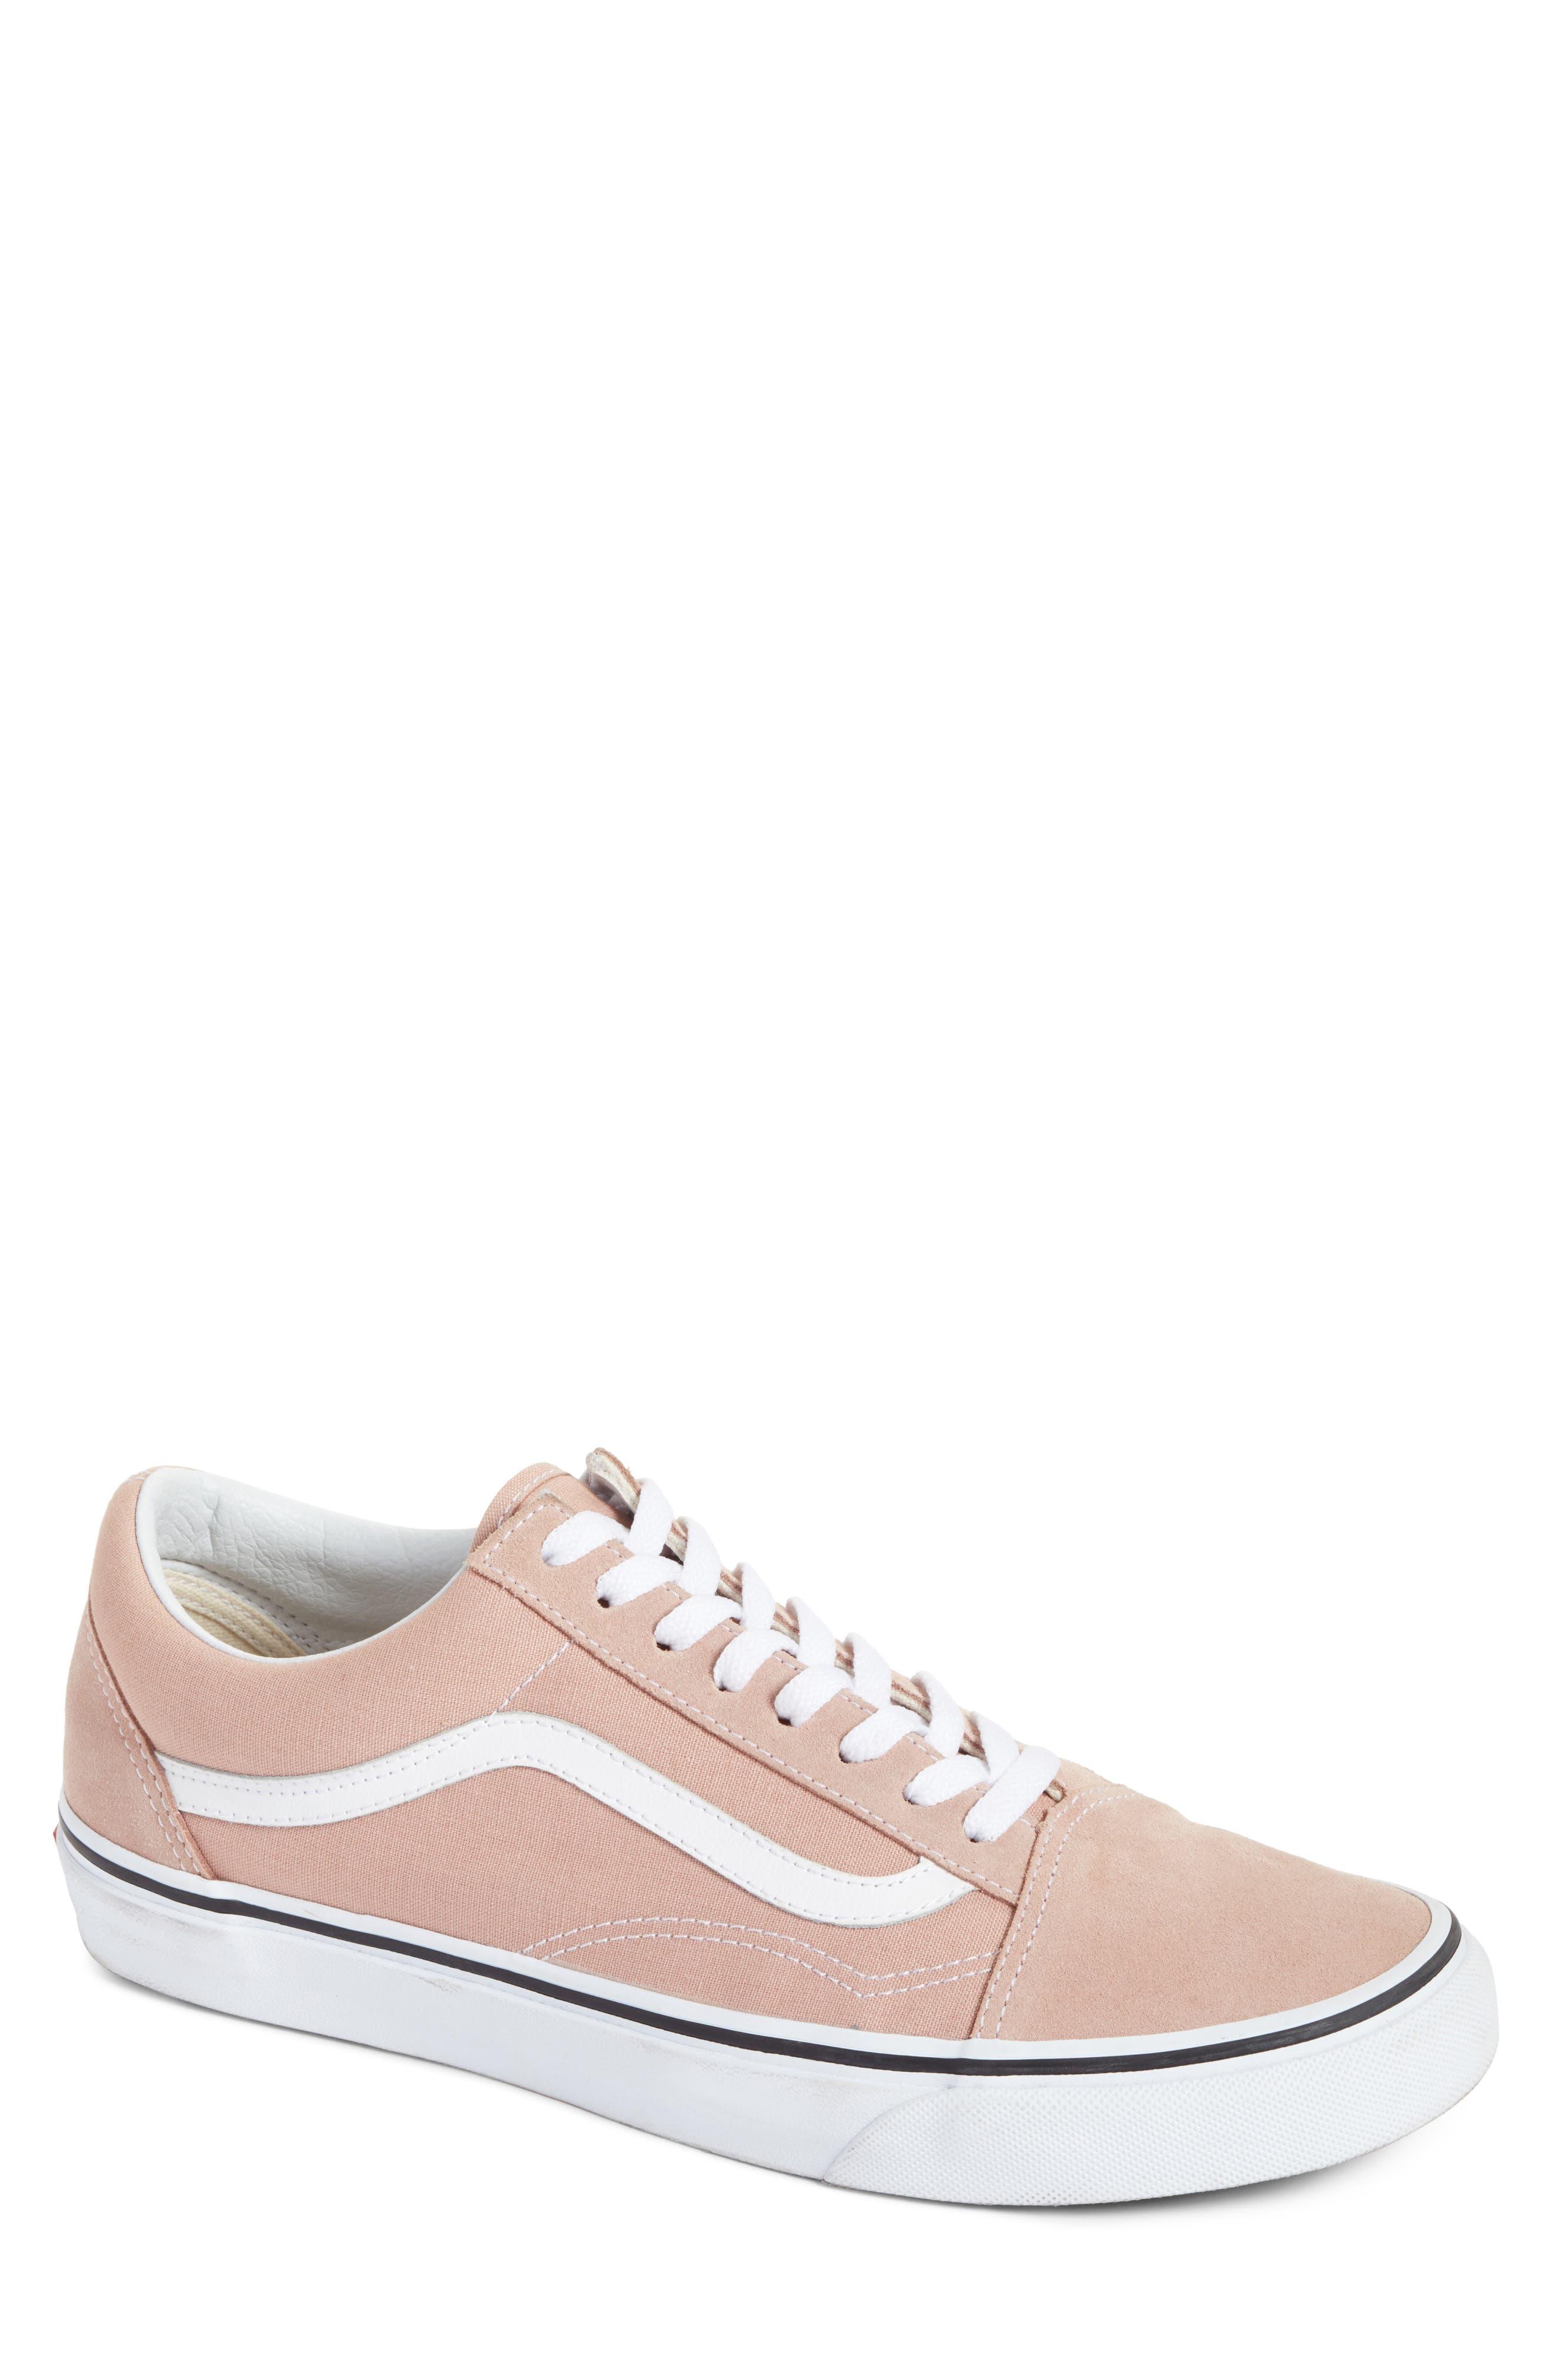 Vans \u0027Old Skool\u0027 Sneaker ...